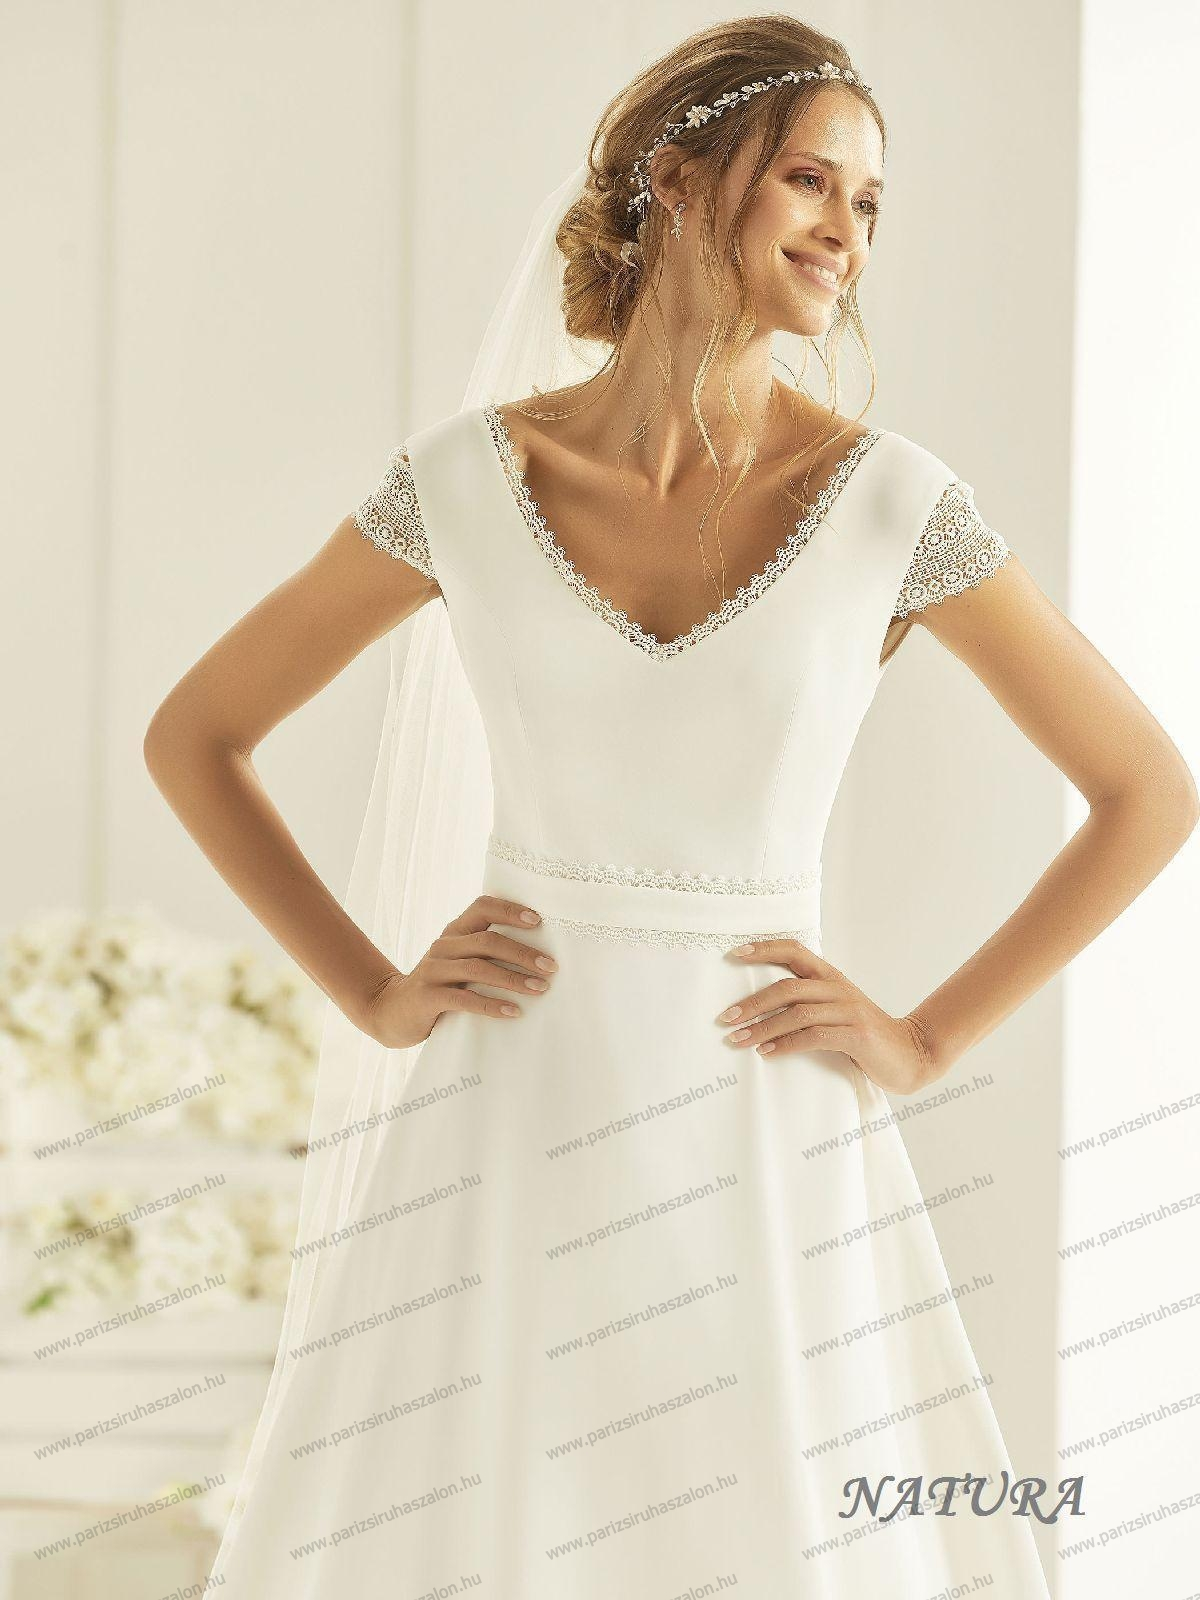 dae2bd21a0 NATURA menyasszonyi ruha   BIANCO EVENTO német hosszú, és rövid  menyasszonyi ruhák. (cikkszám: NATURA menyasszonyi ruha)